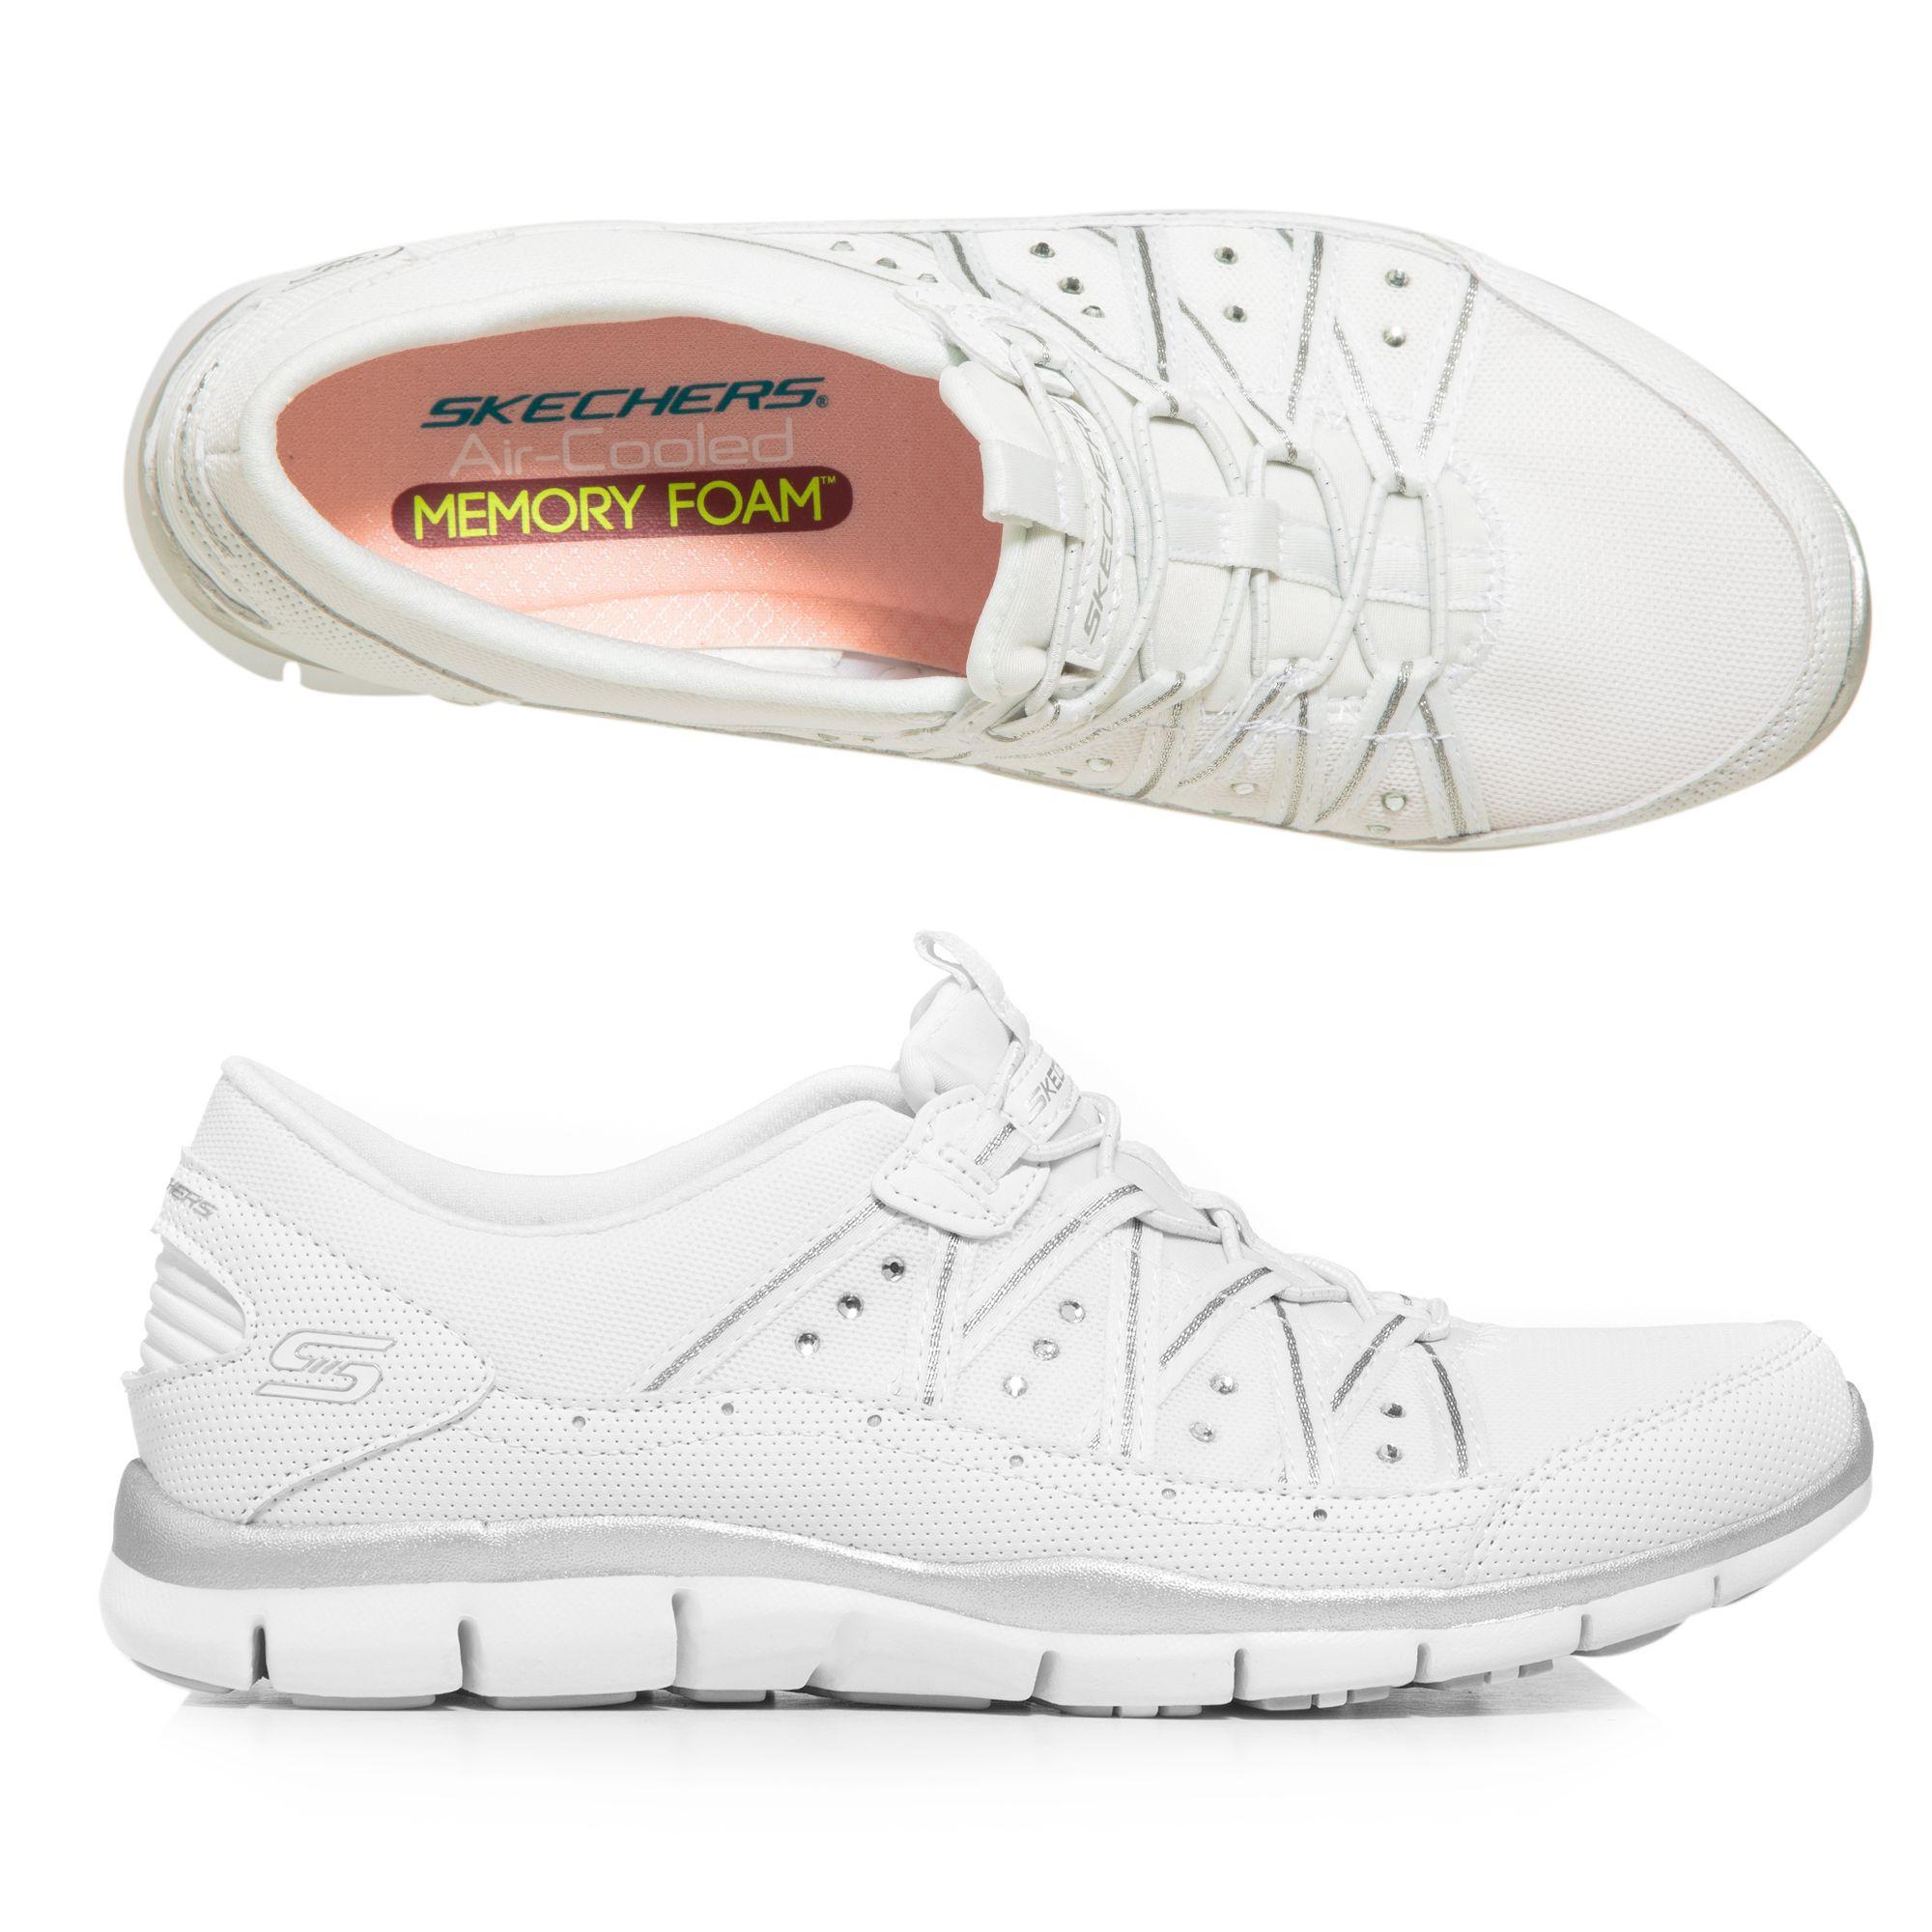 bef7a57c8b SKECHERS Damen-Sneaker Gratis Strasssteine Memory Foam - Page 1 — QVC.de